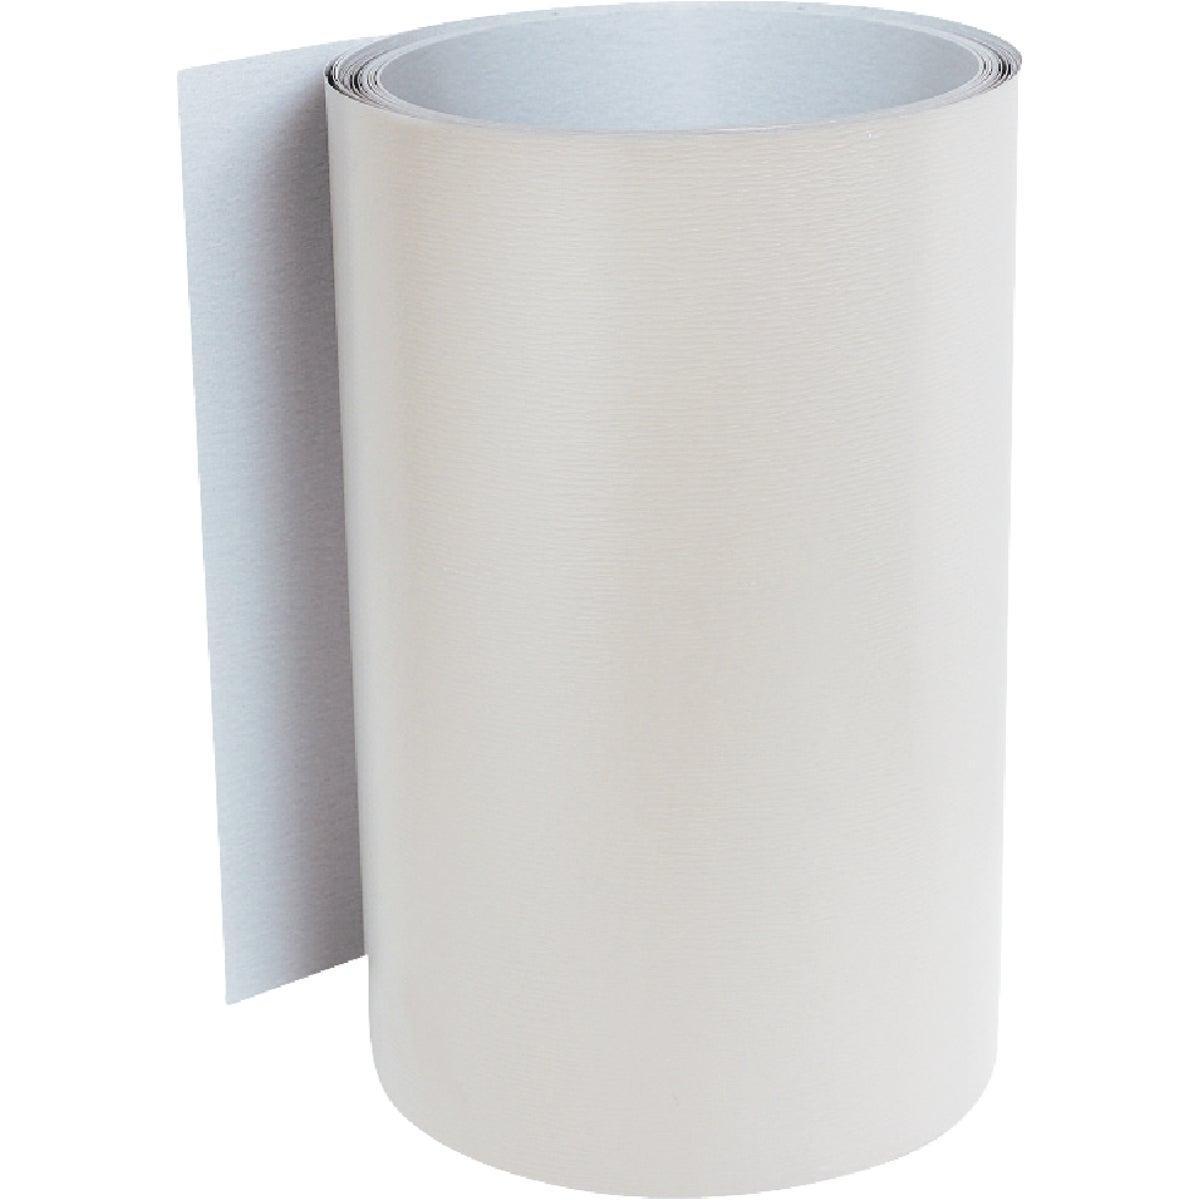 Klauer Painted Aluminum Trim Coil, 30180-AJ21